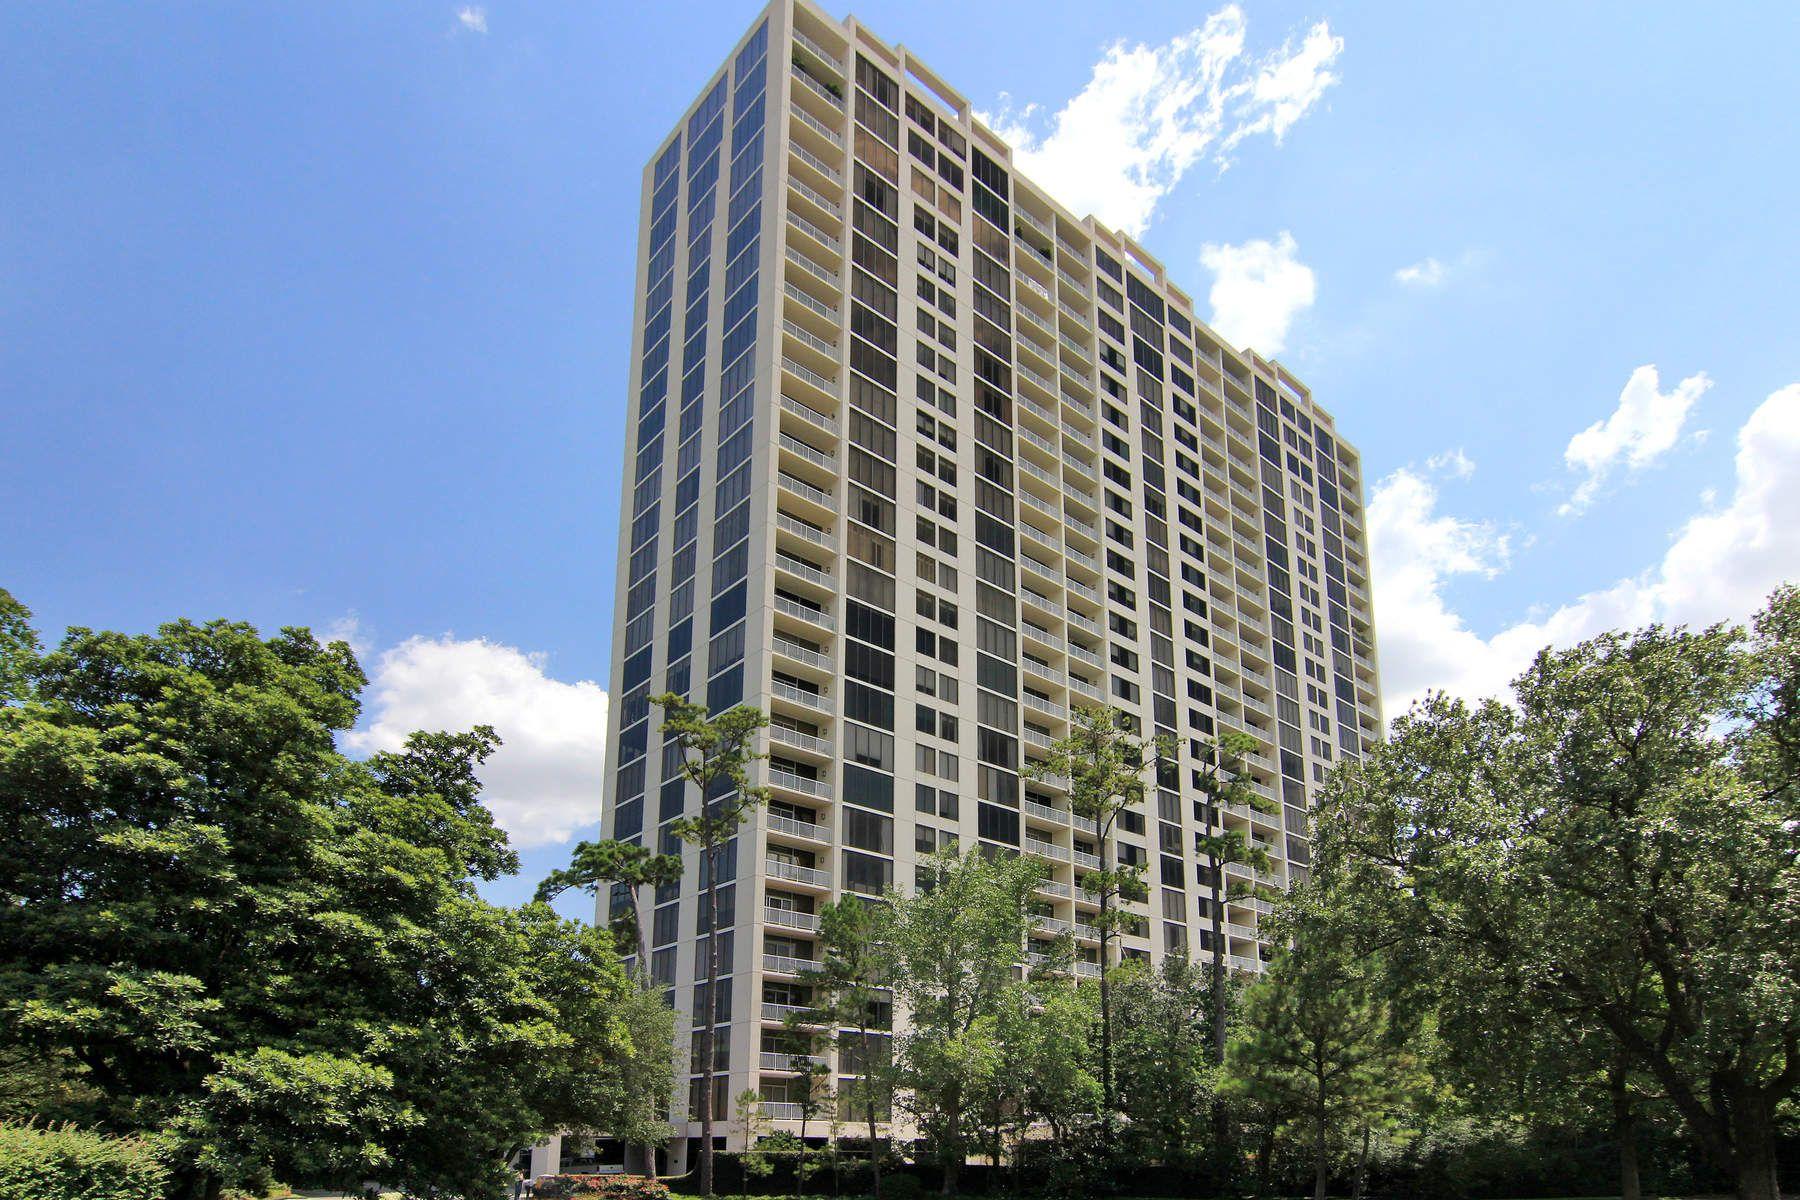 共管式独立产权公寓 为 销售 在 121 North Post Oak Lane Unit 605 Memorial, 休斯顿, 得克萨斯州, 77024 美国